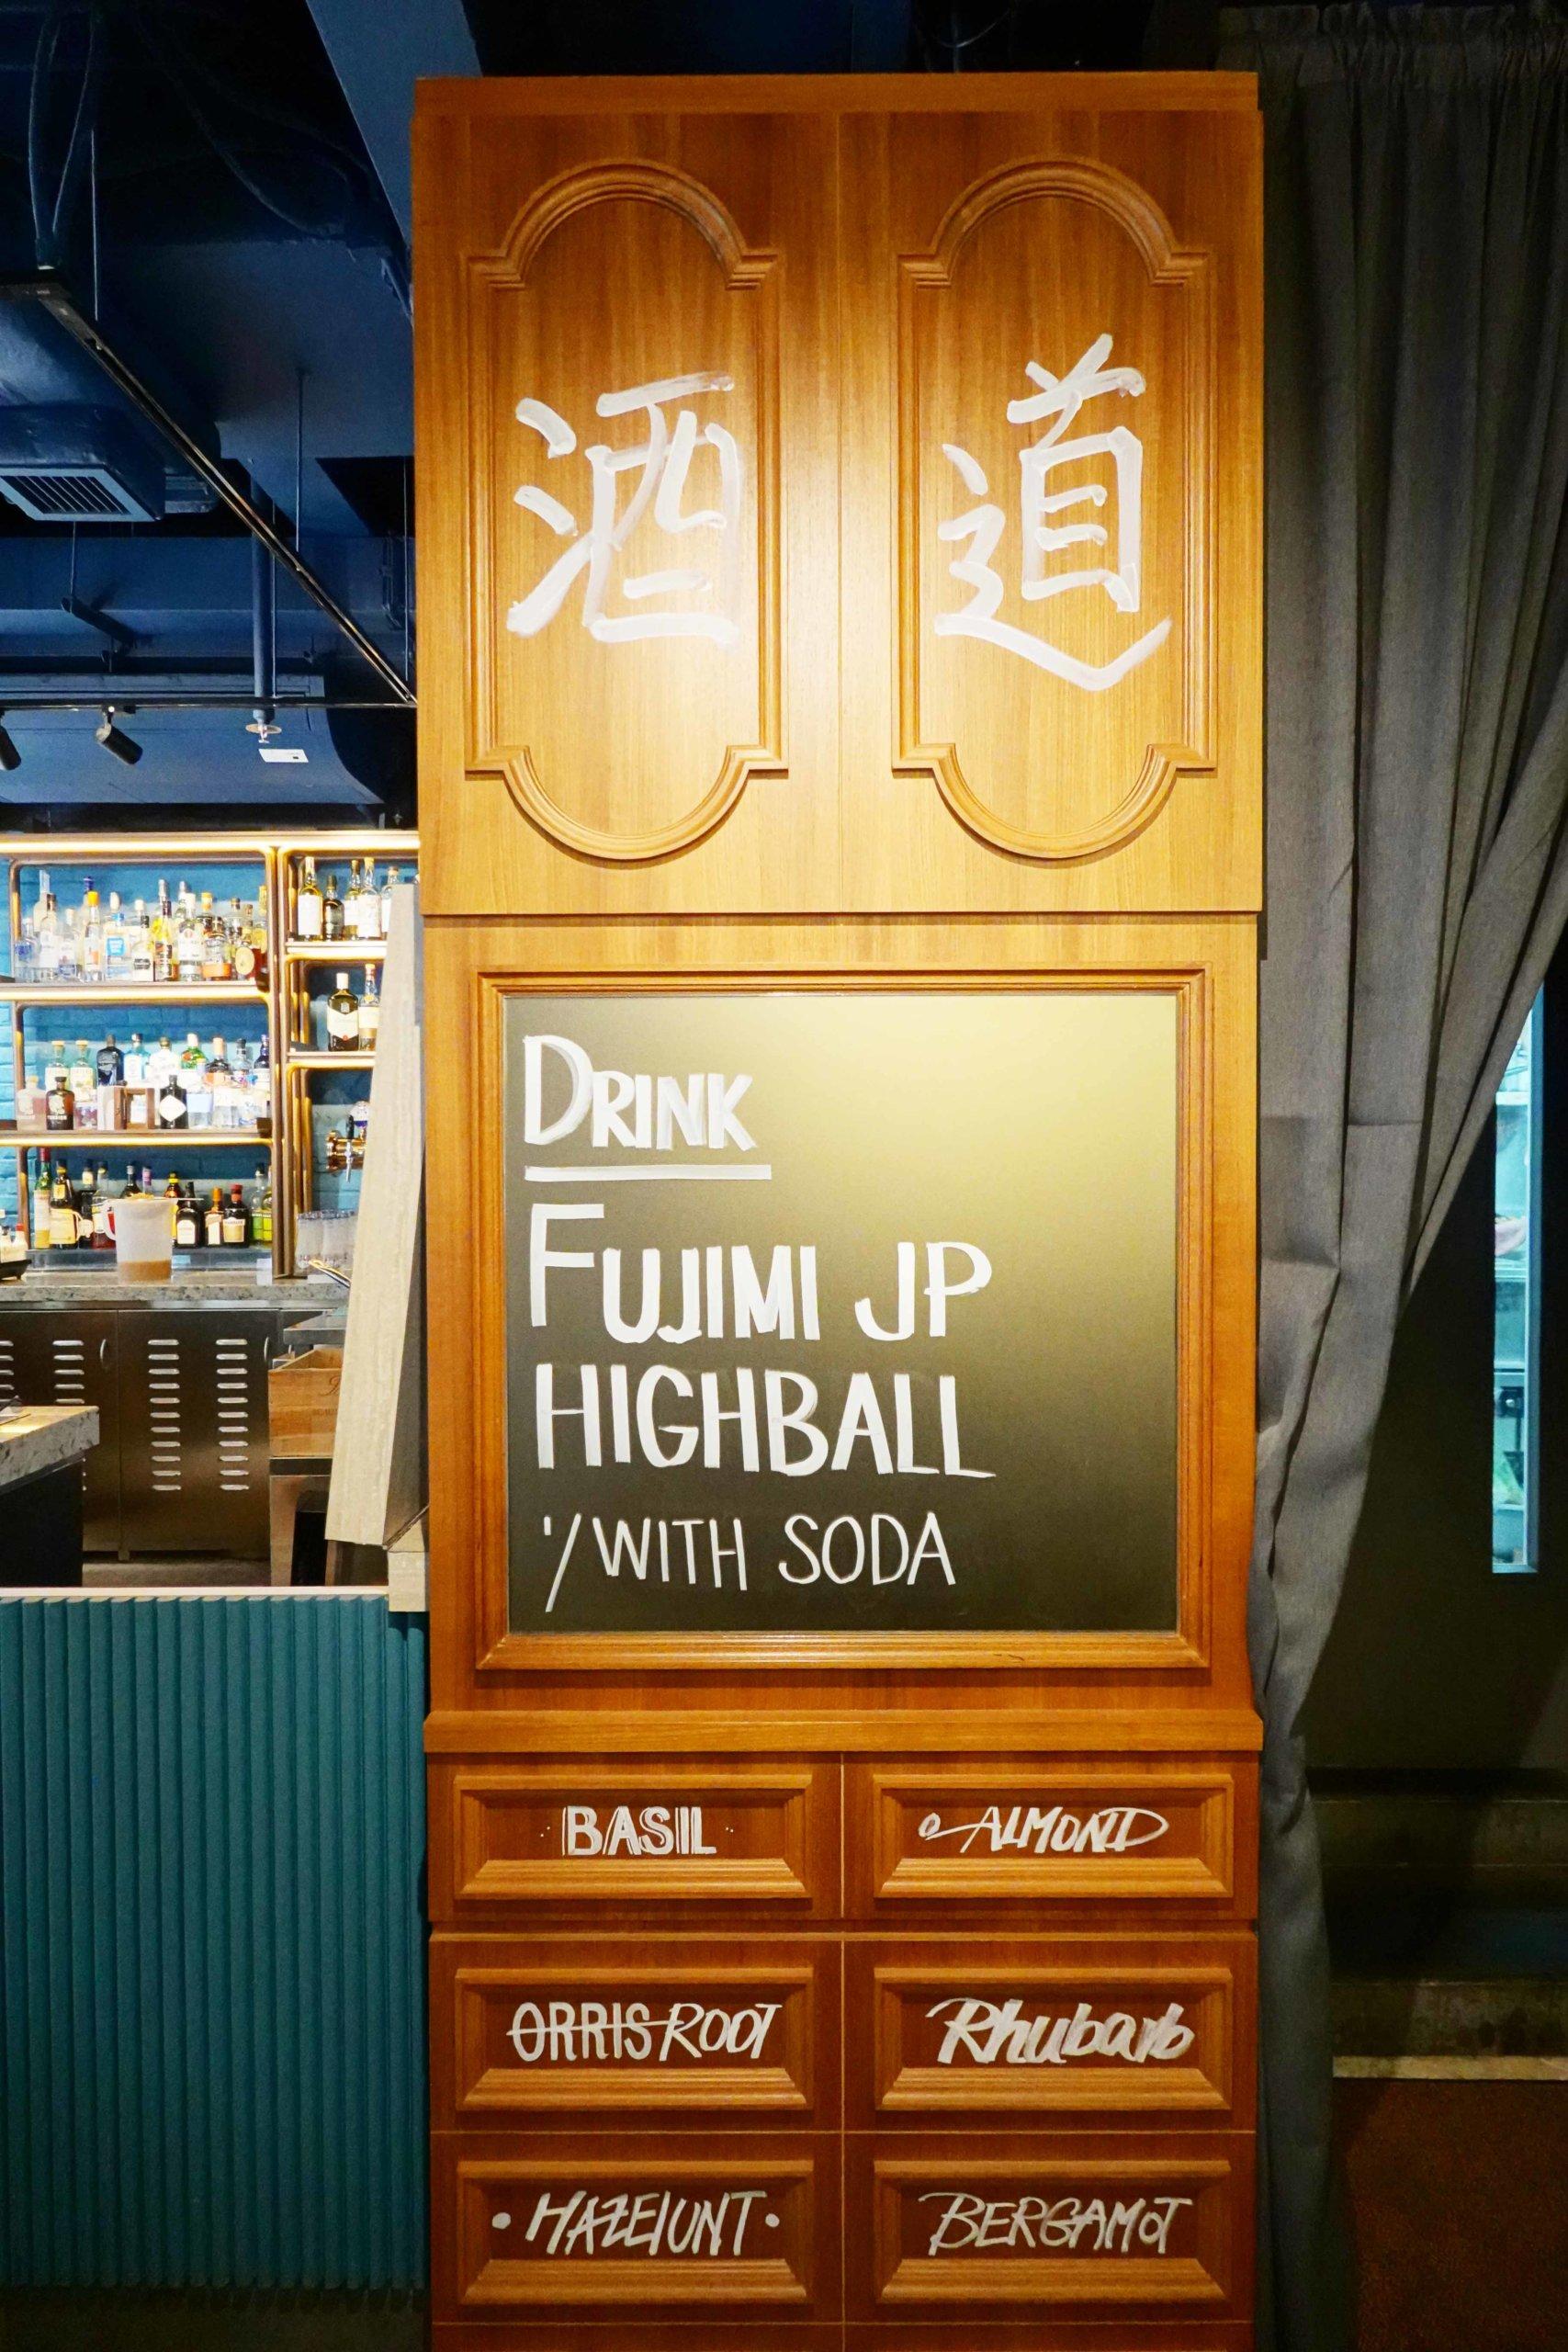 木櫃上寫上「酒道」,明確表明係酒聚好去處。